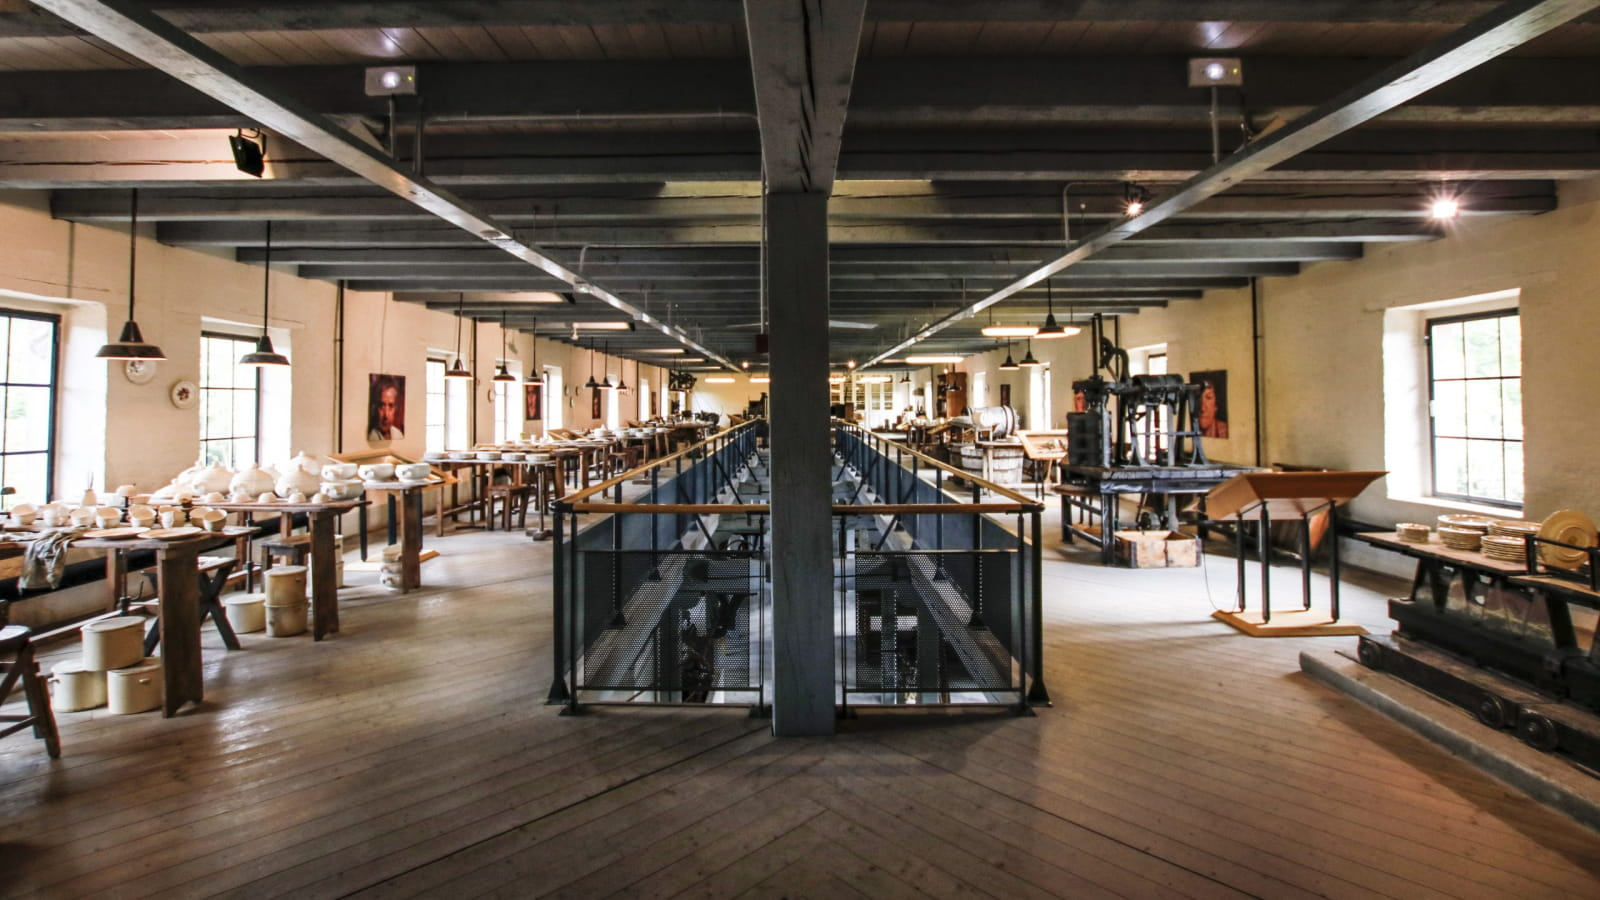 Musée des techniques faïencières, le Moulin de la blies